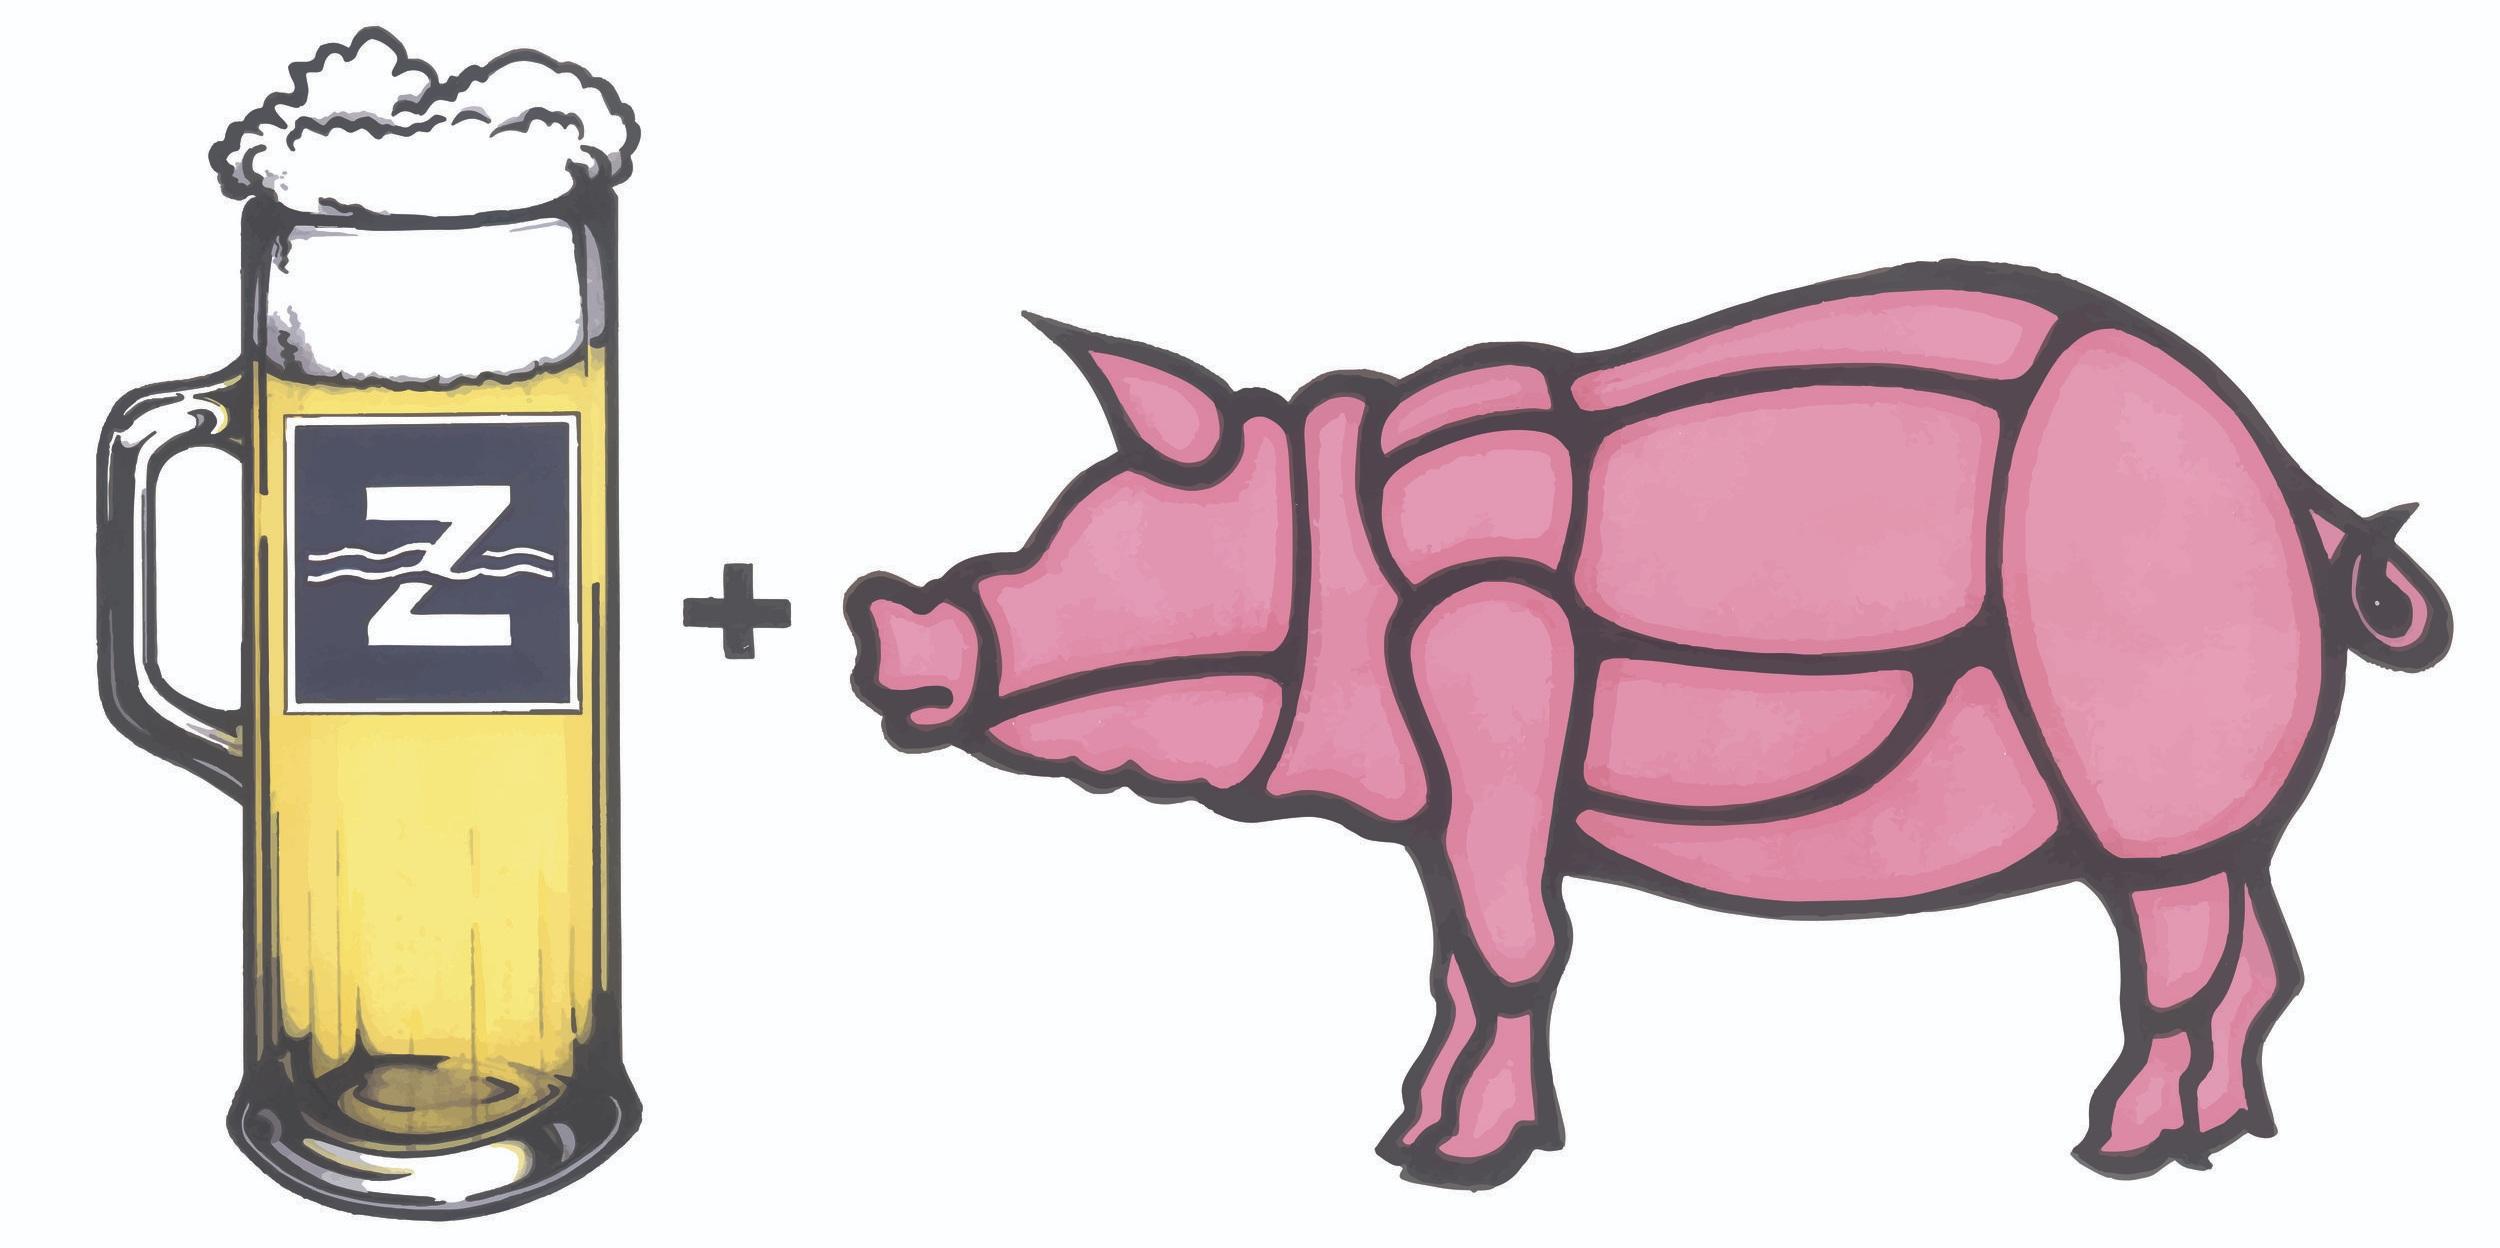 Tankard_and_Pig-01.jpg